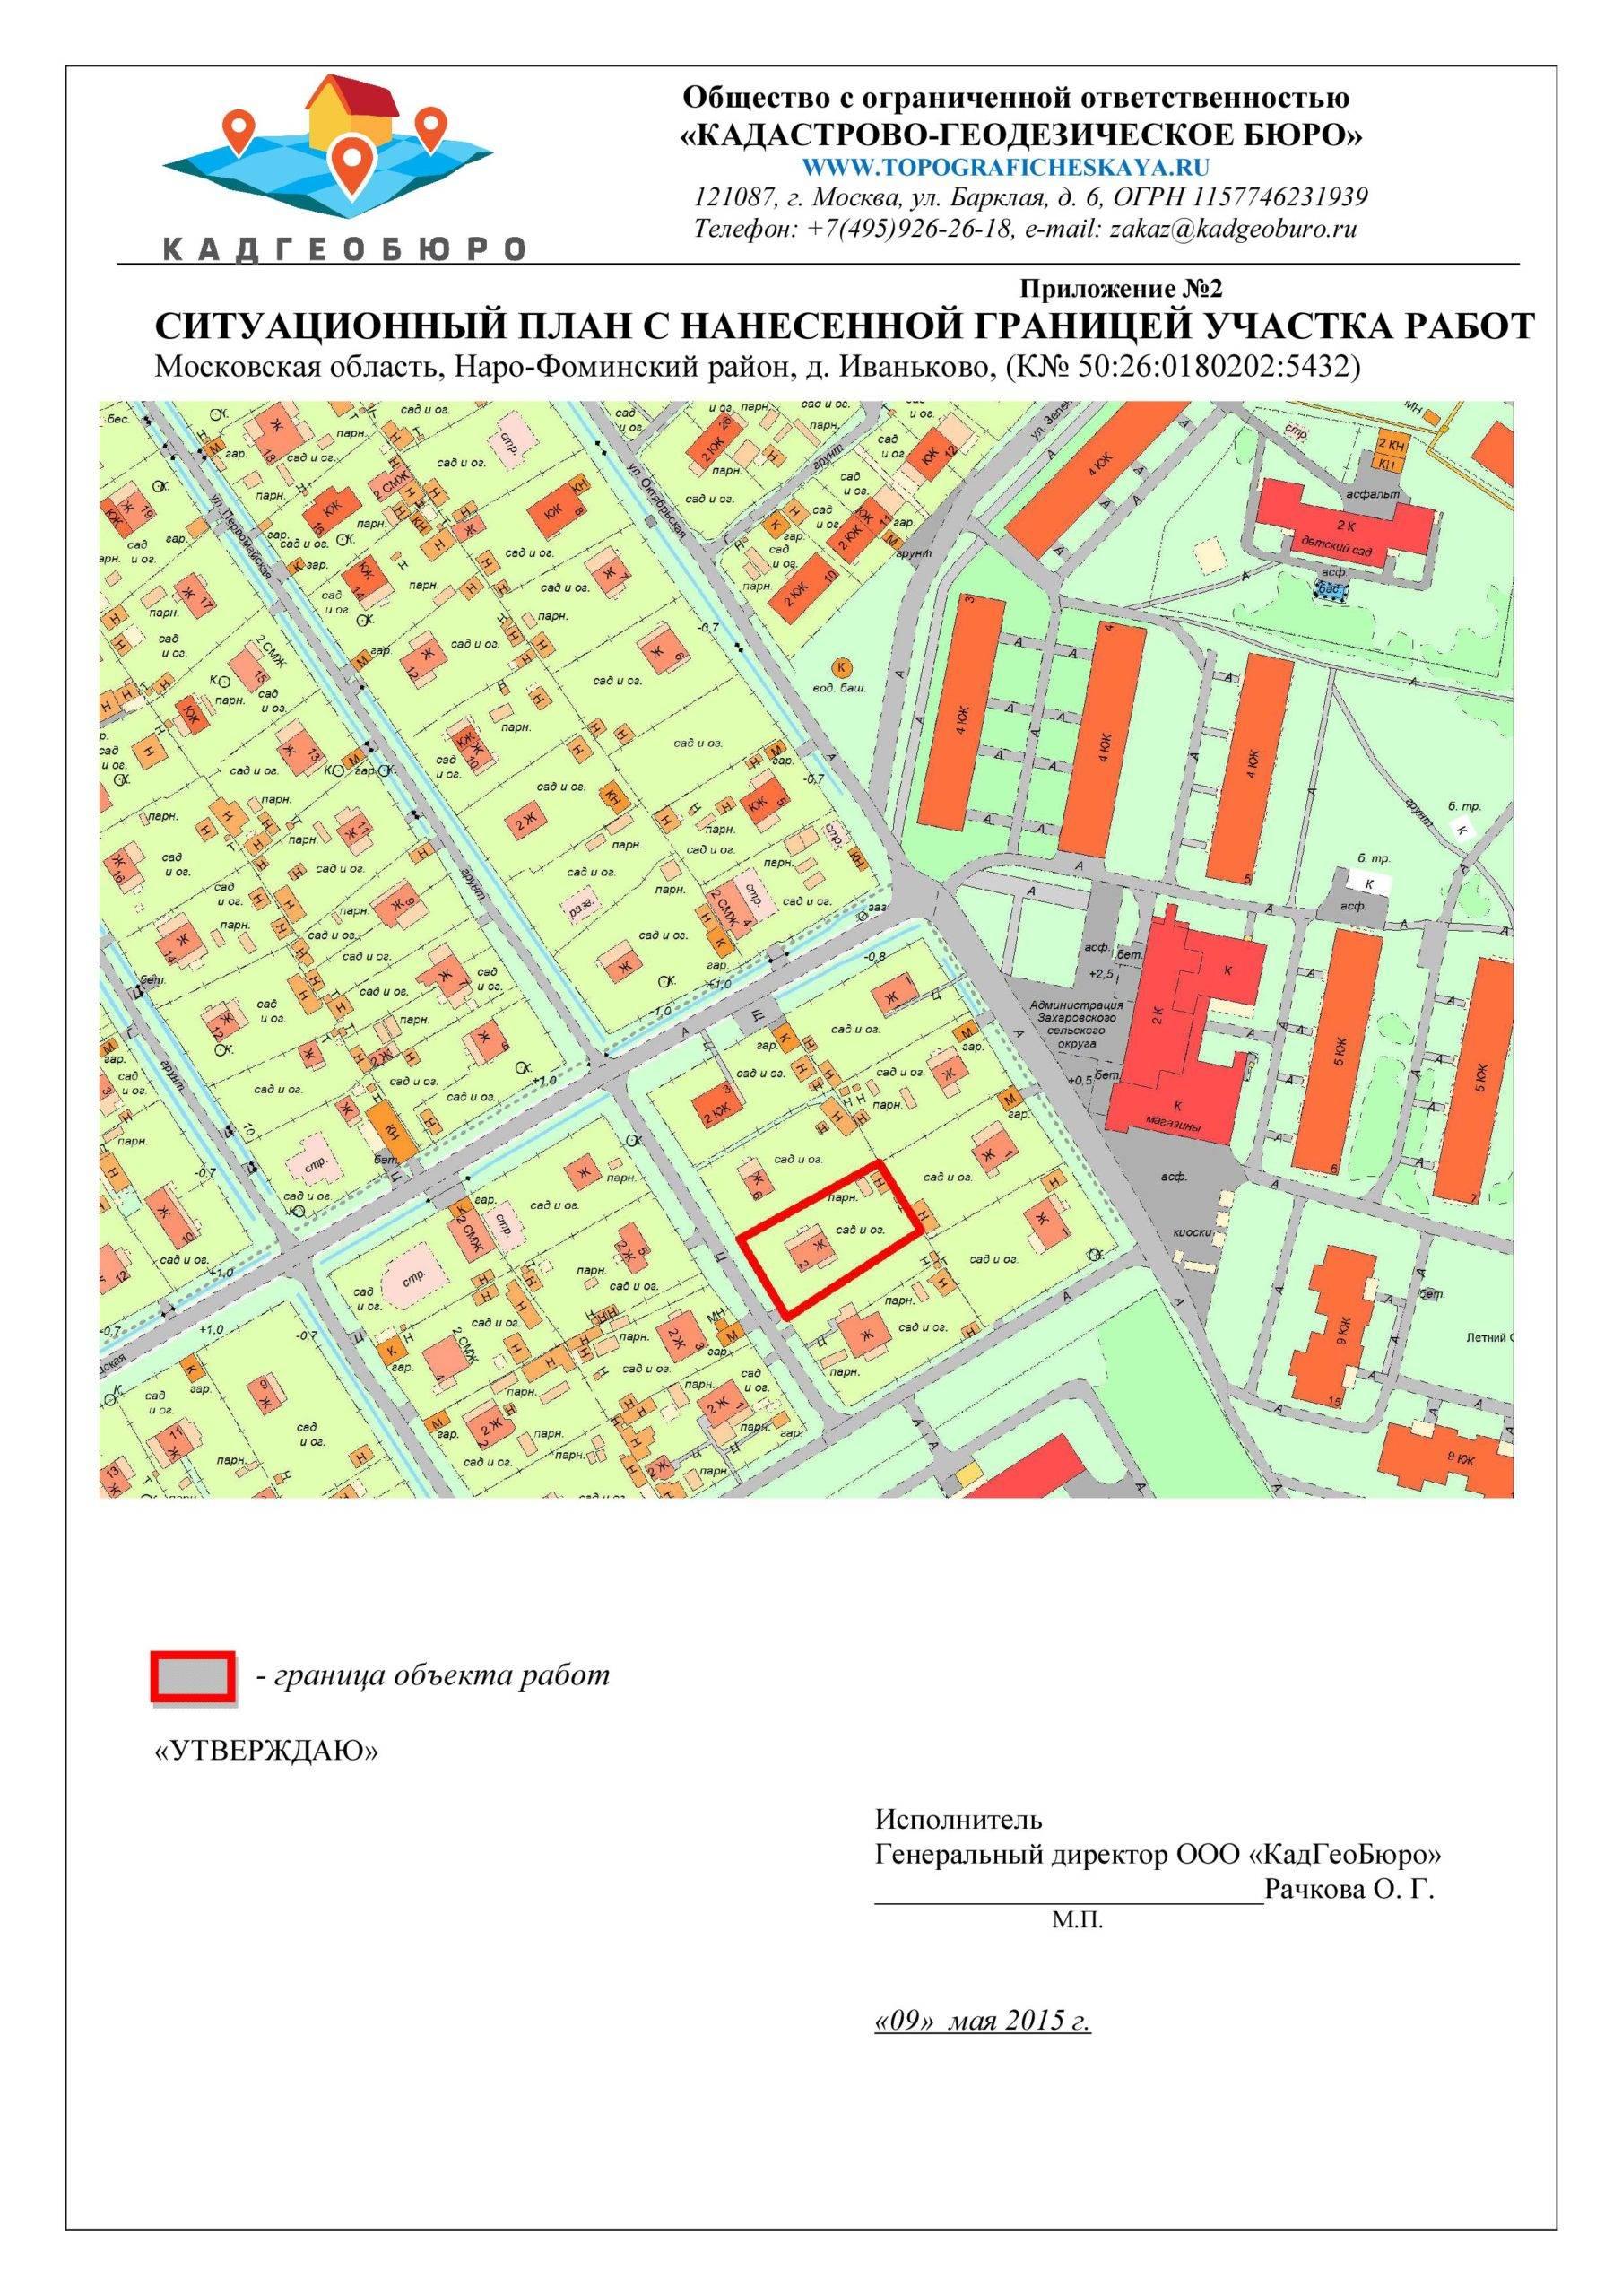 Описание геодезических работ при межевании земельных участков